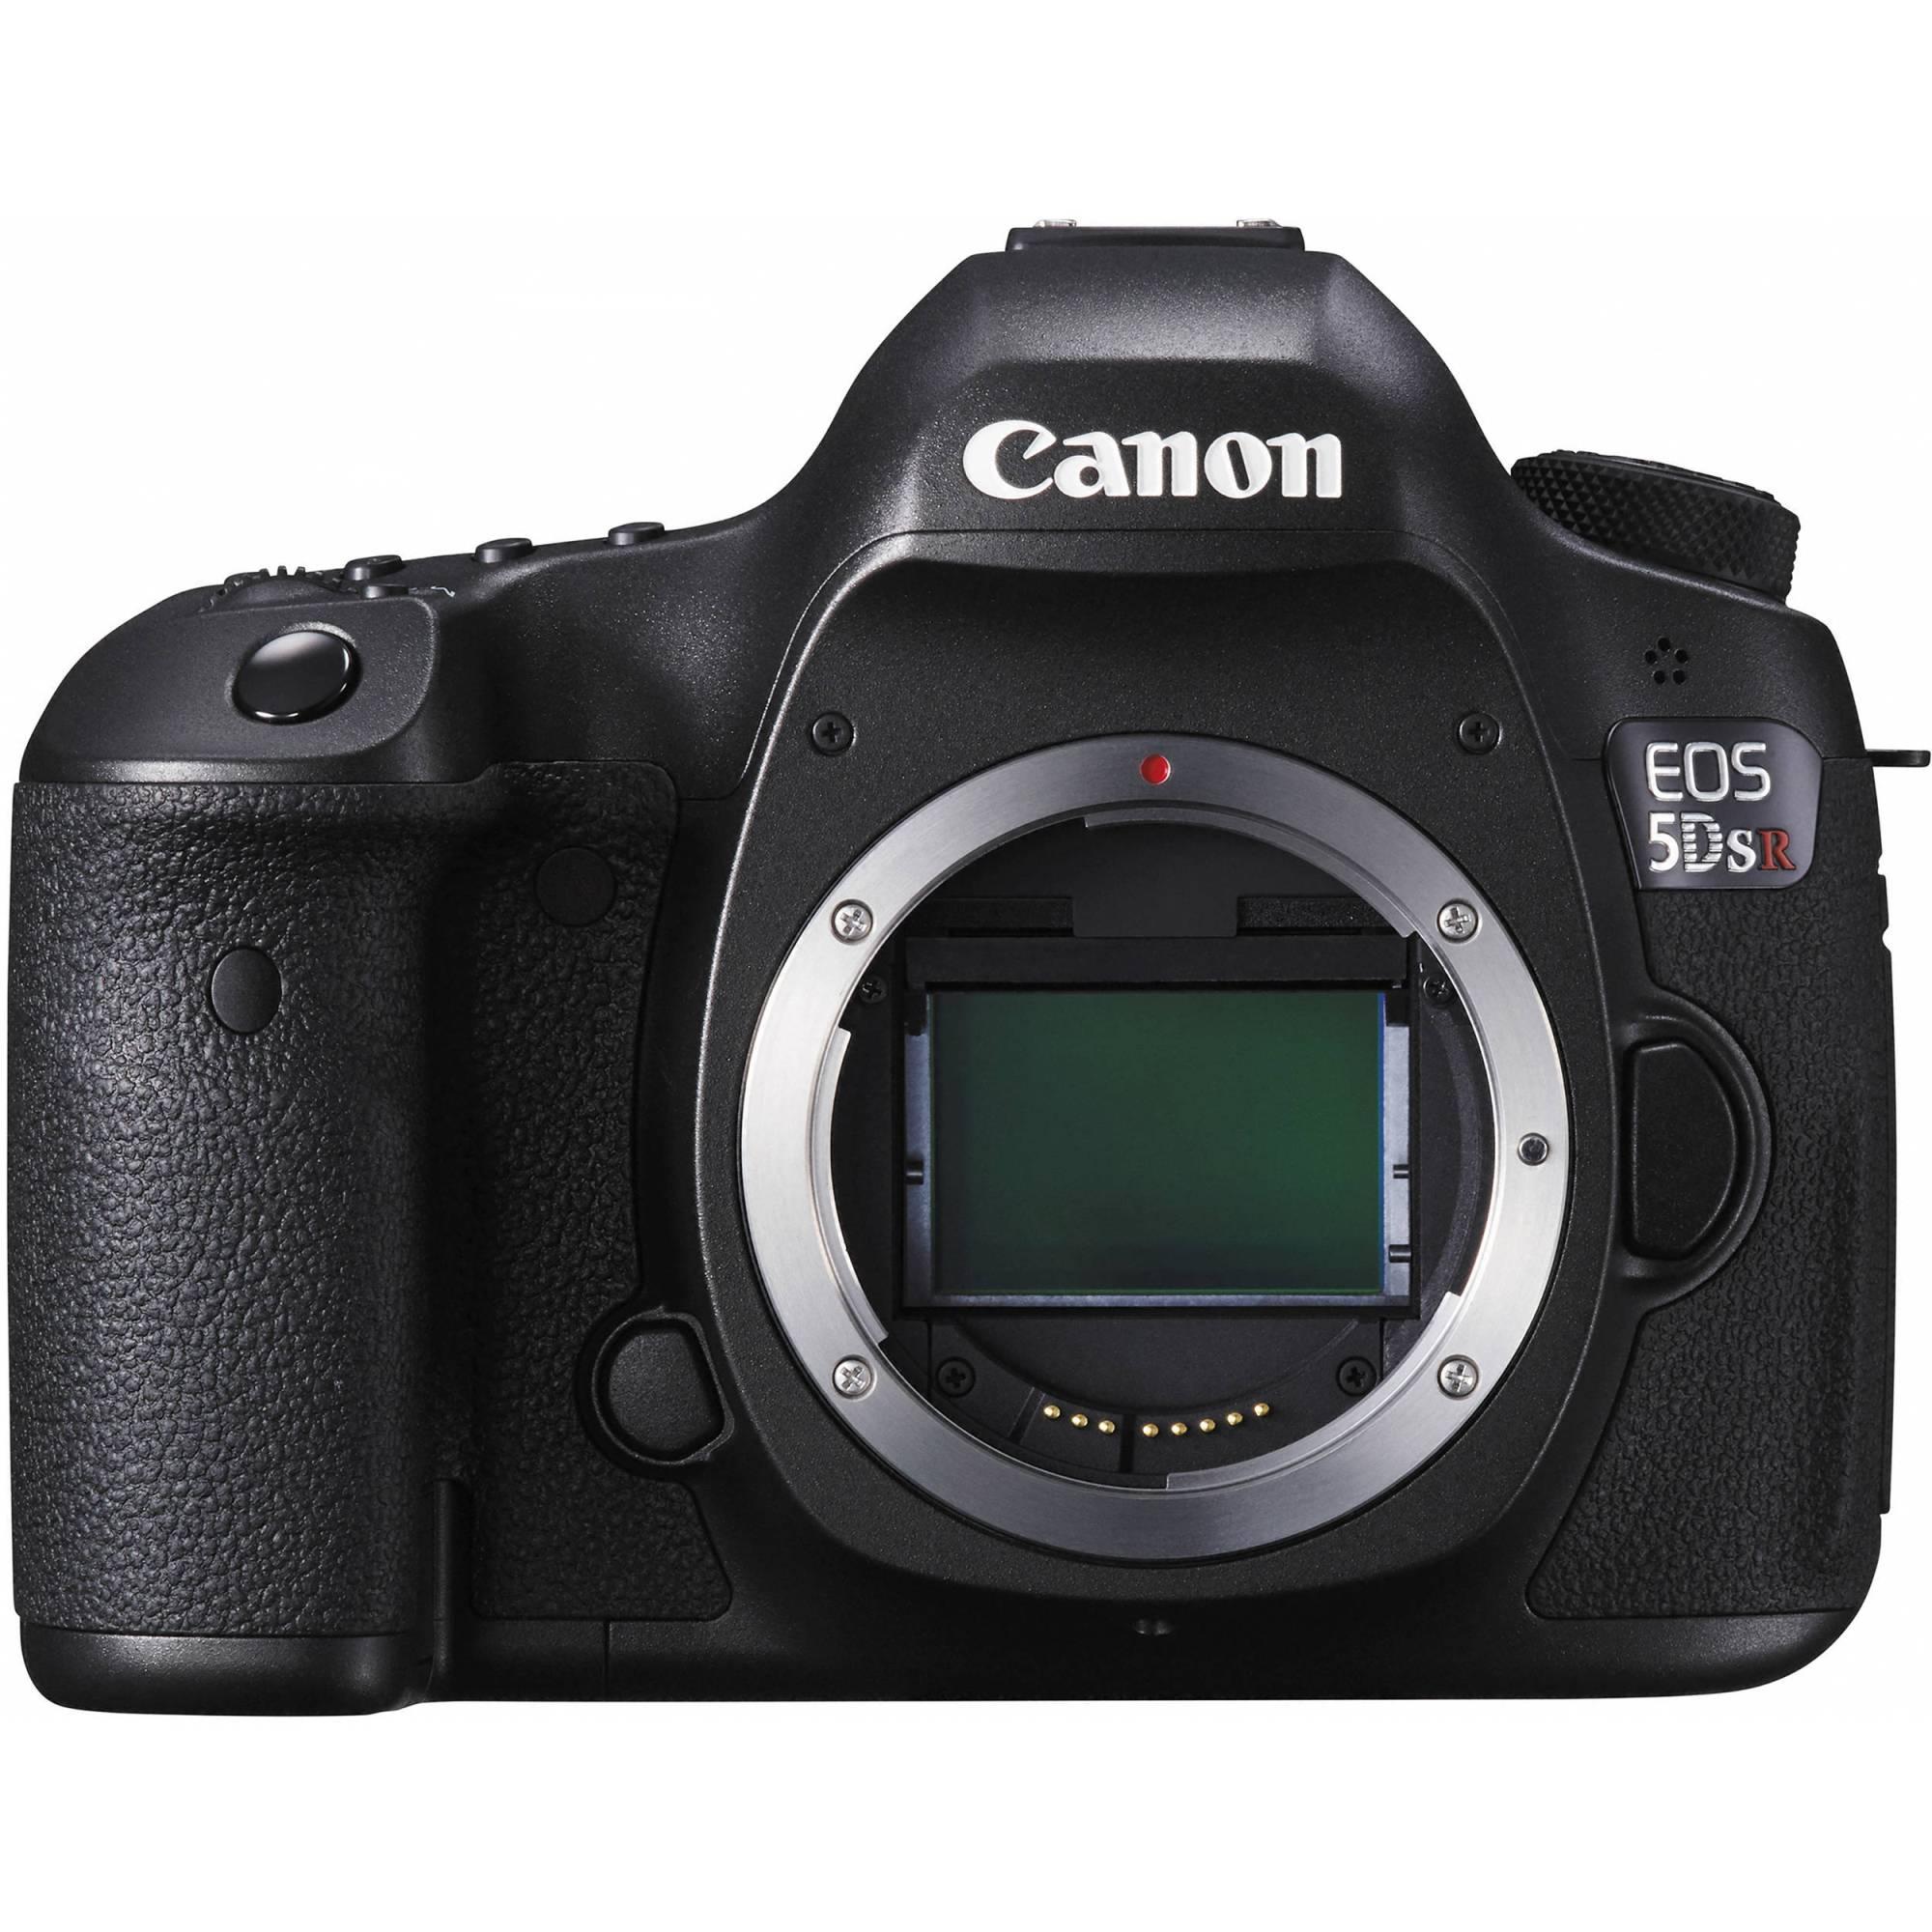 canon5dsr min image